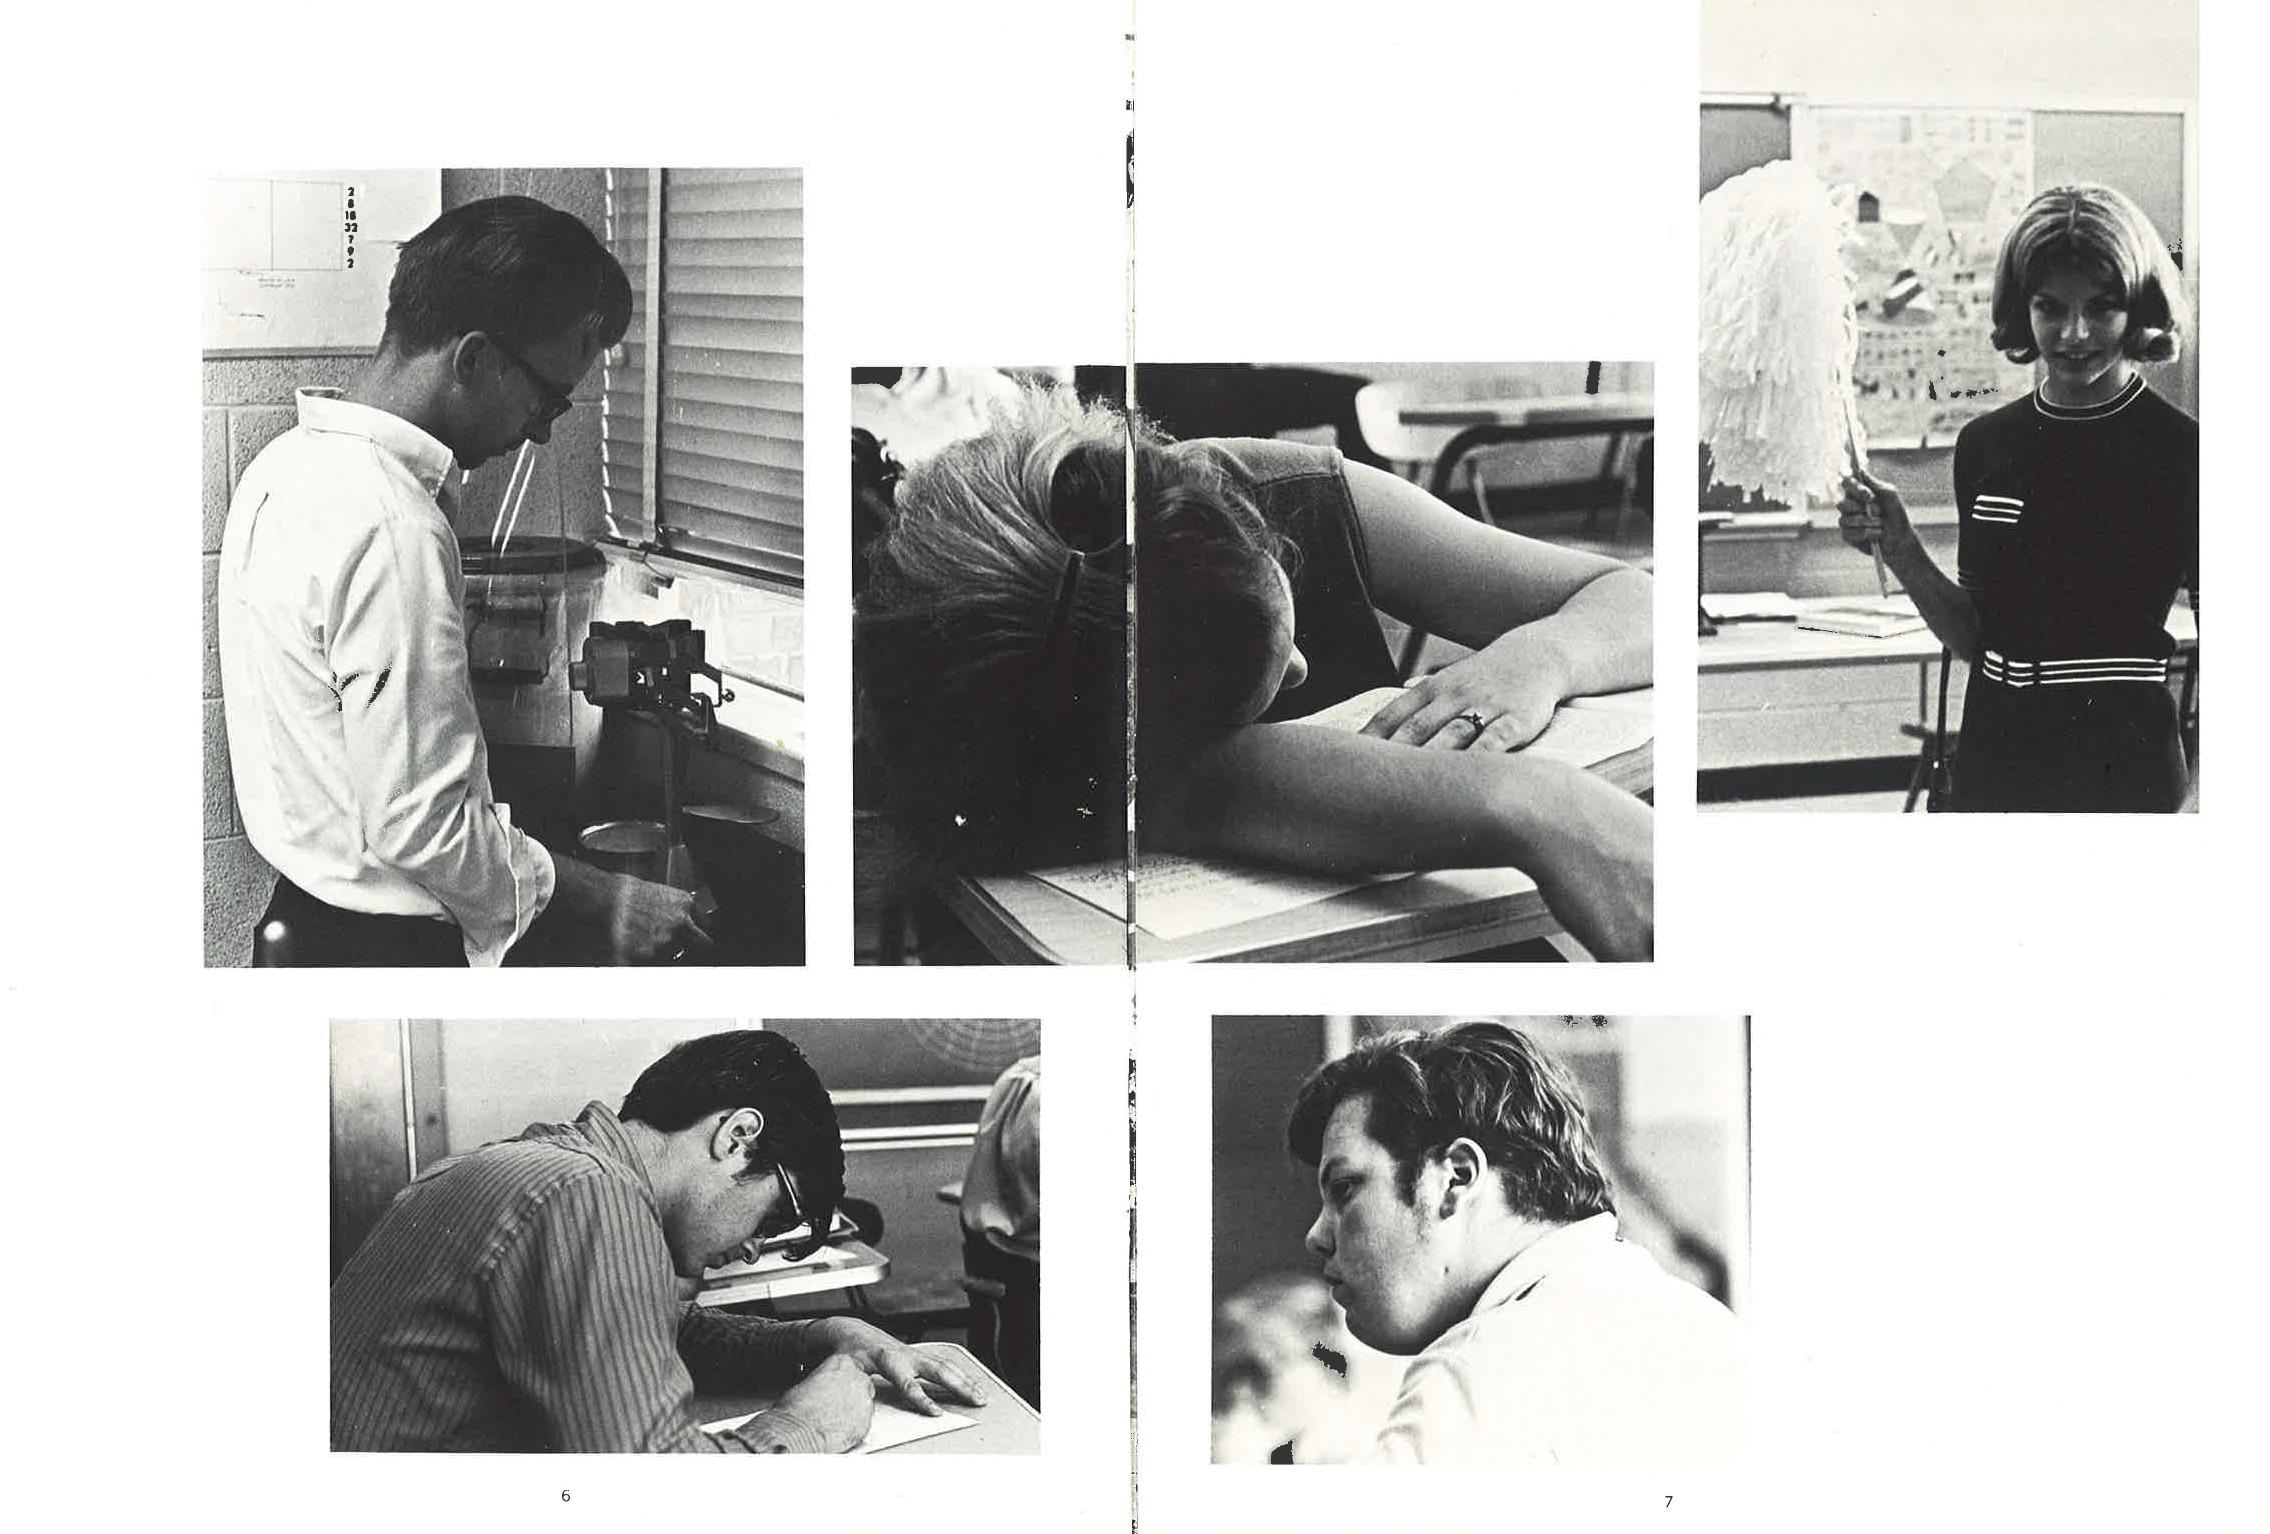 1971_Yearbook_6-7.jpg